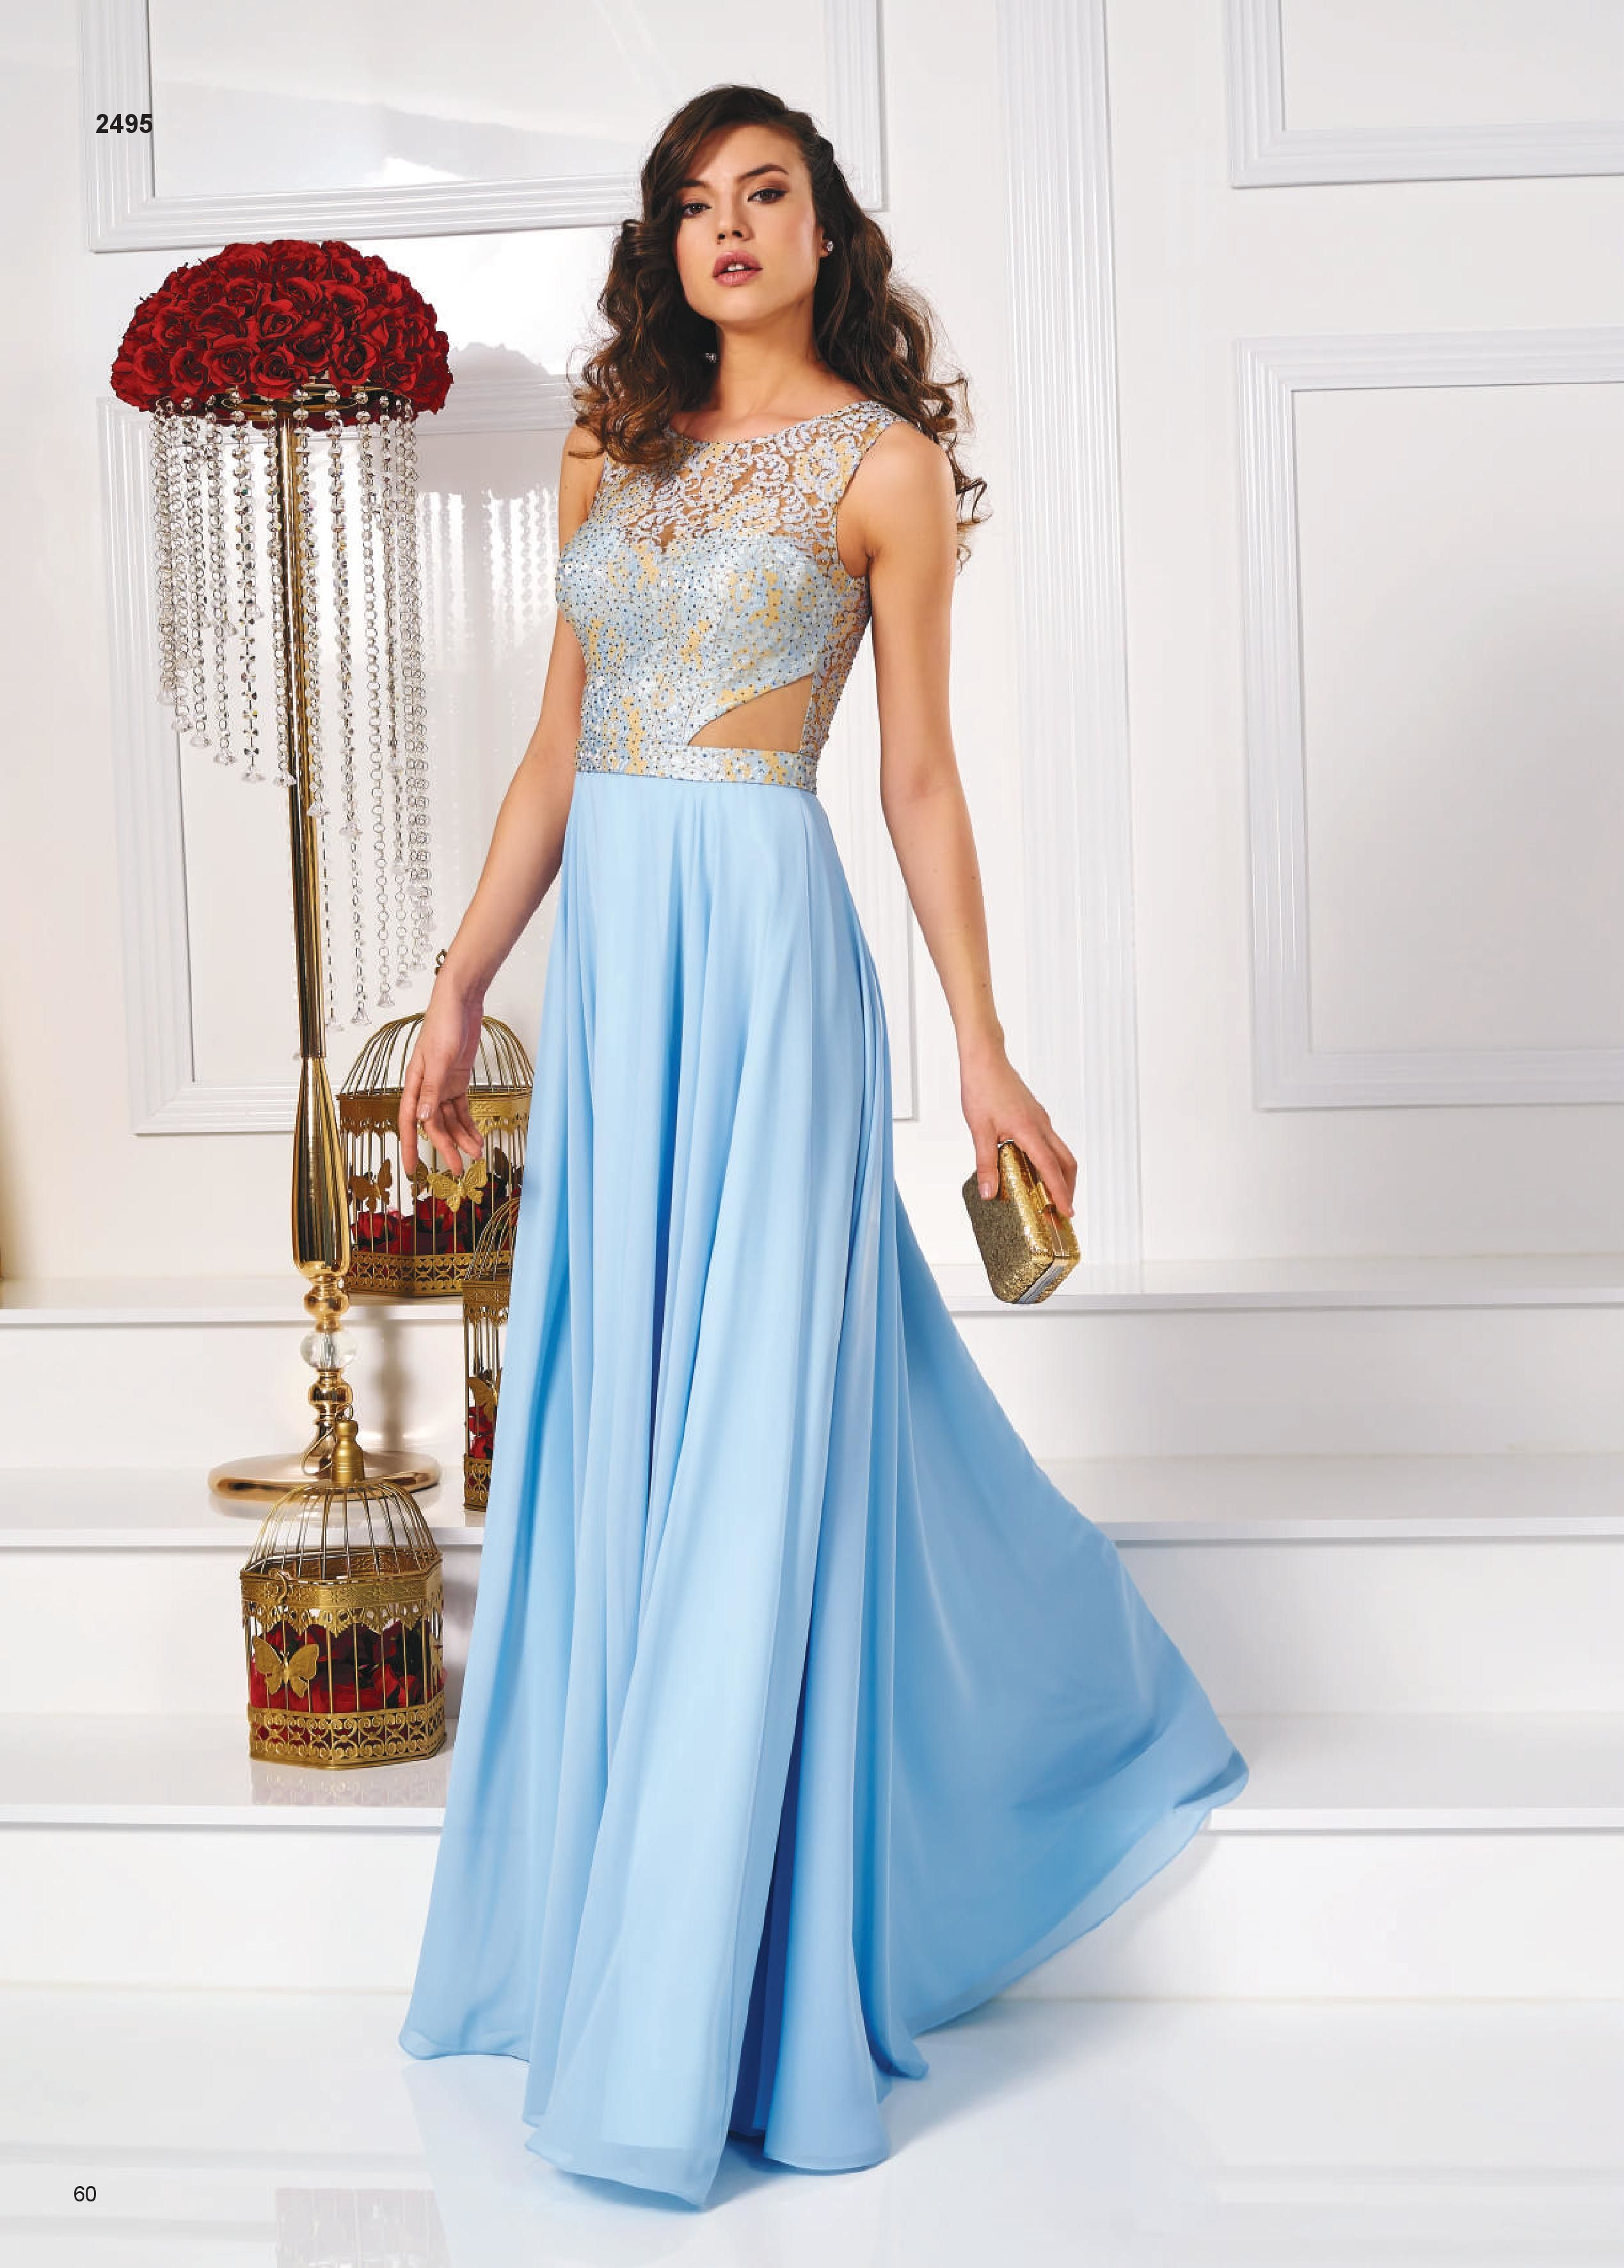 a3be1a8a4cc7b nişantaşı moda evleri abiye, nişantaşı abiye butikleri, abiye mağazaları,  nişantaşı abiye kıyafetler,